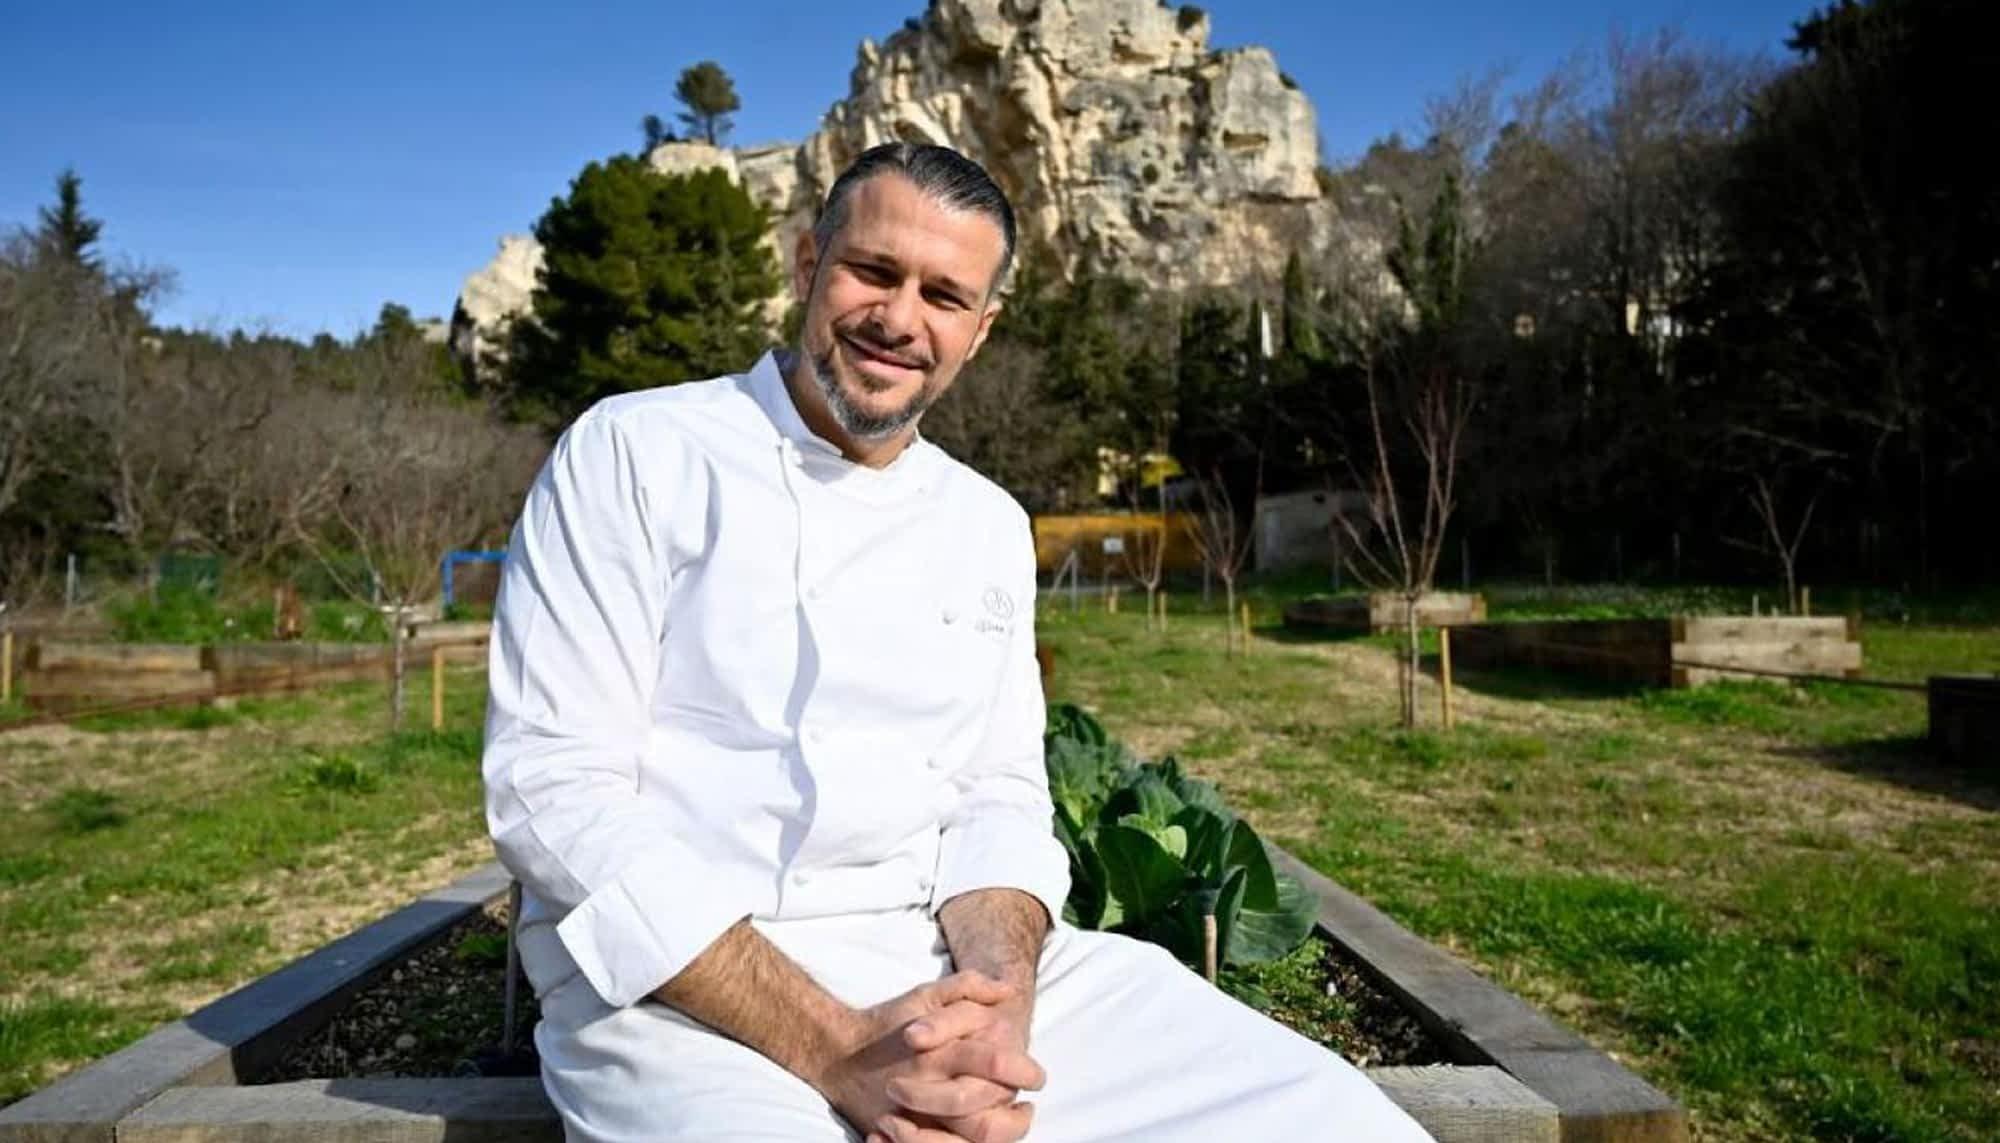 Chef de l'année 2020 aux Baux-de-Provence l ma villa en provence